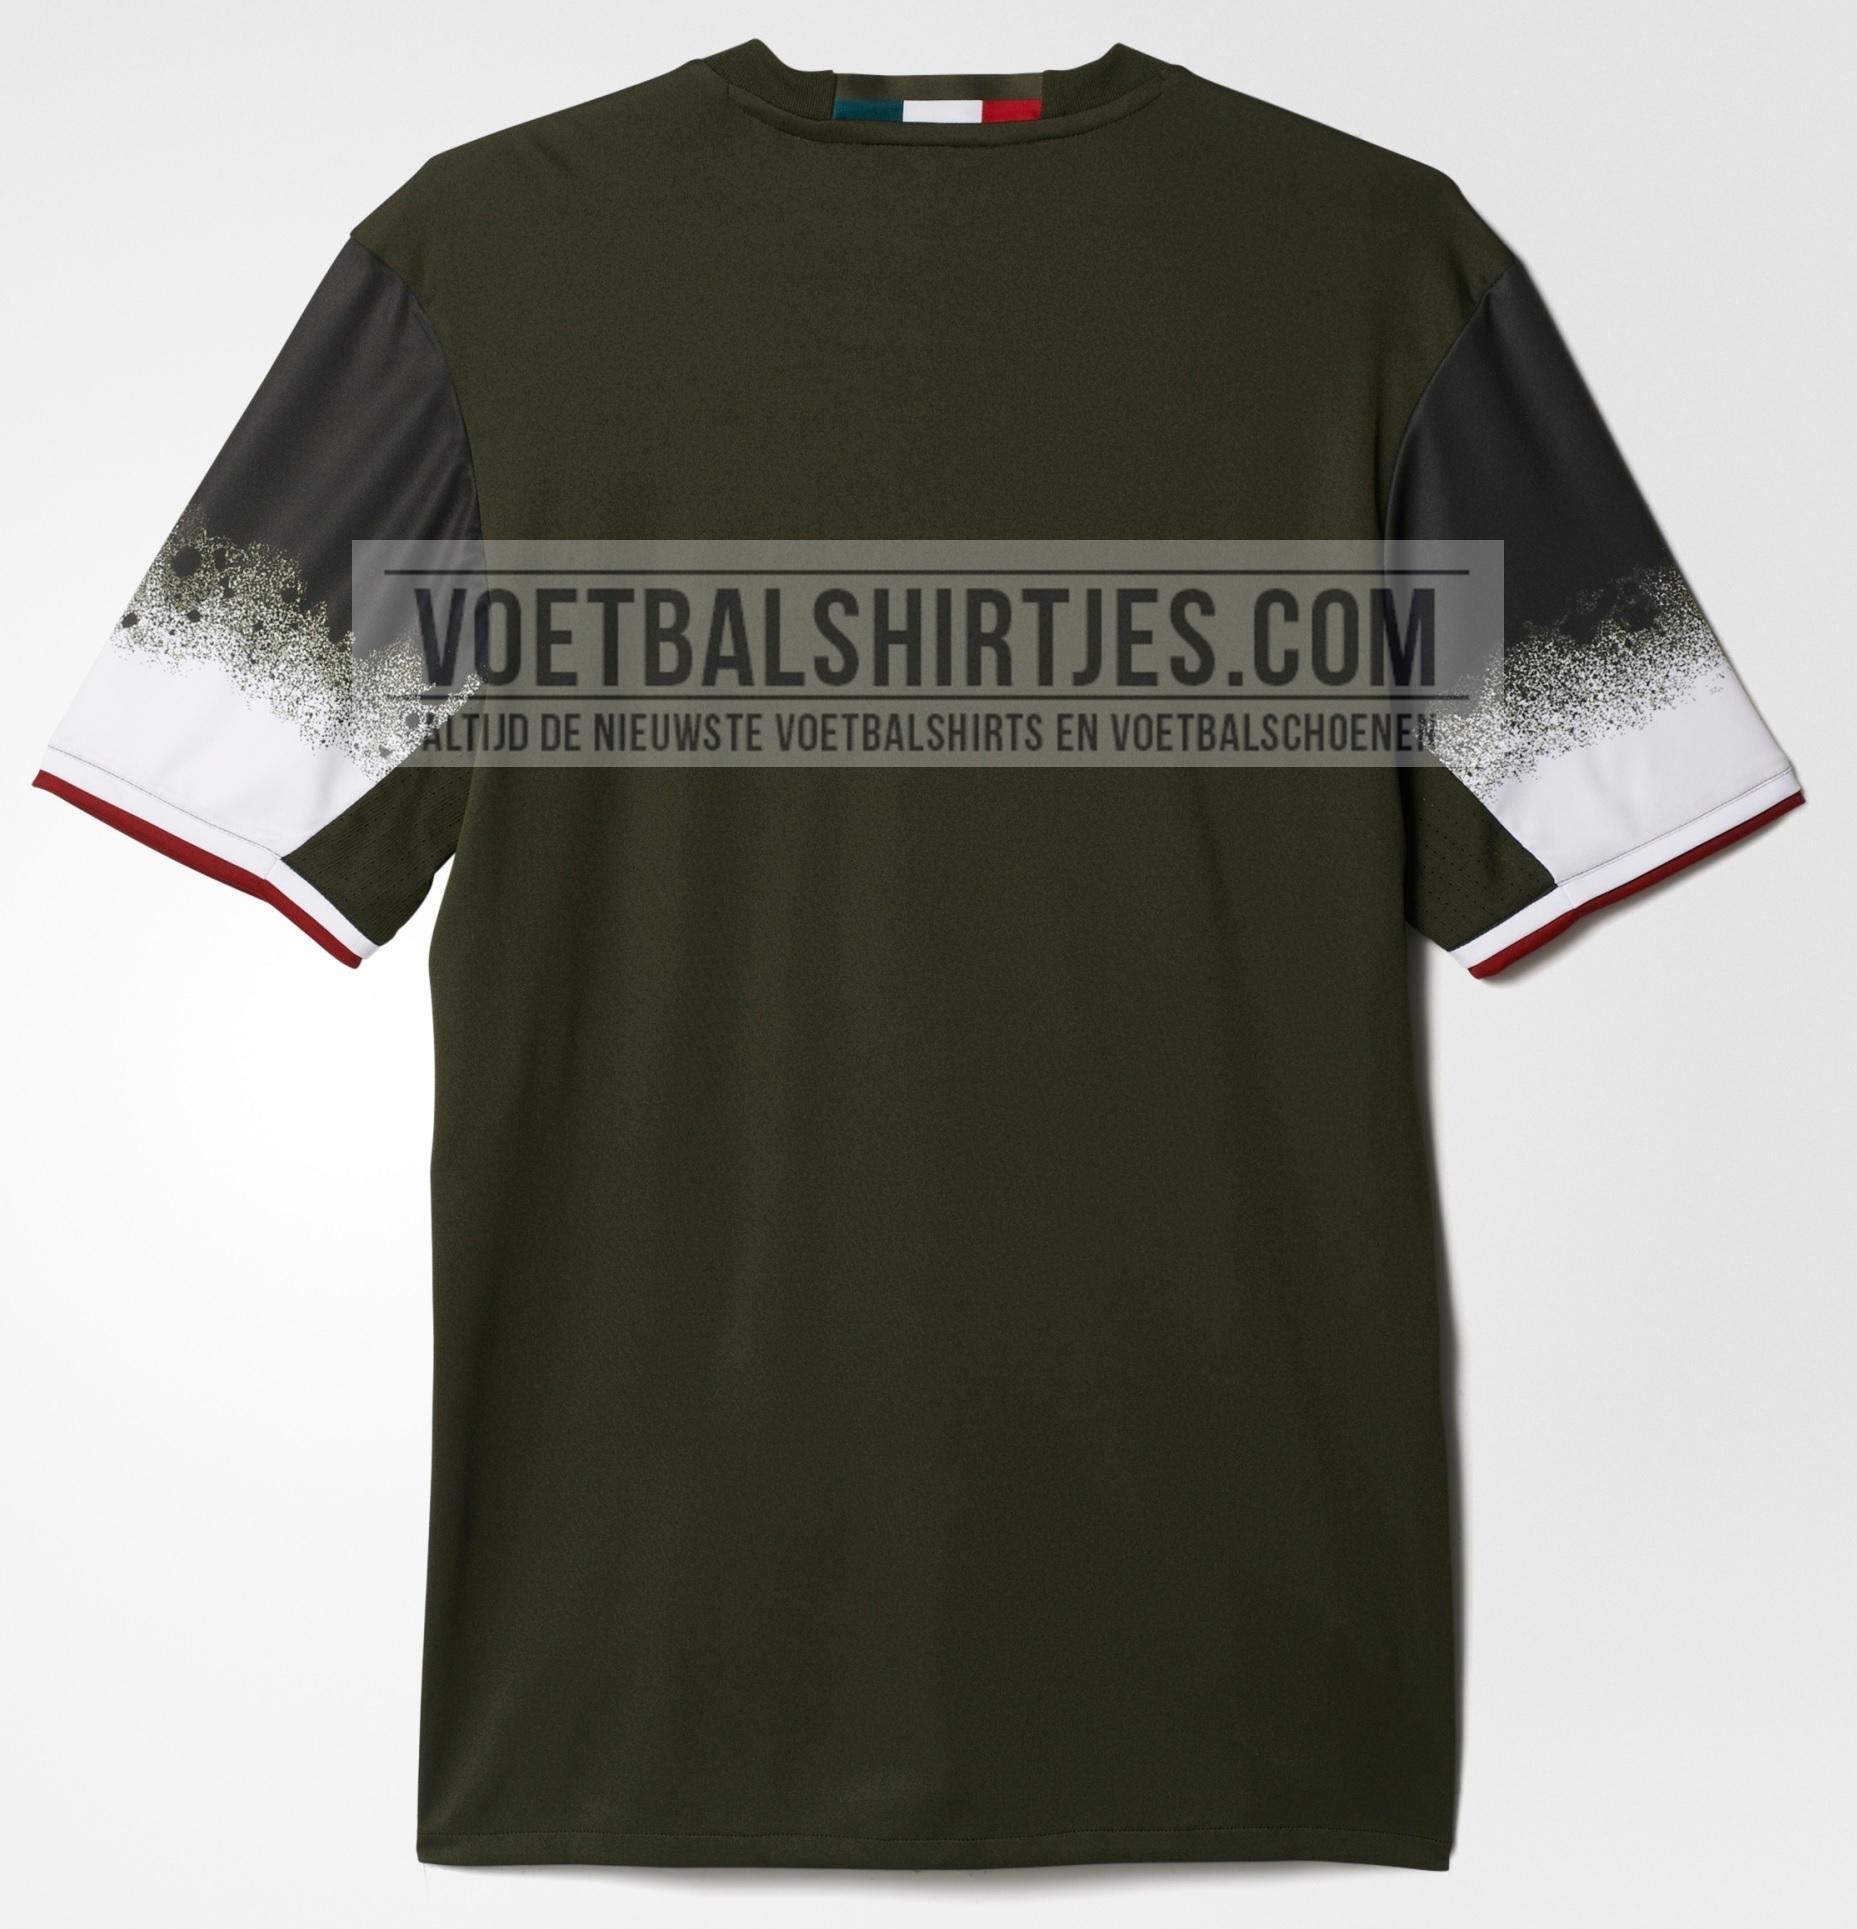 ac milan third shirt 2017